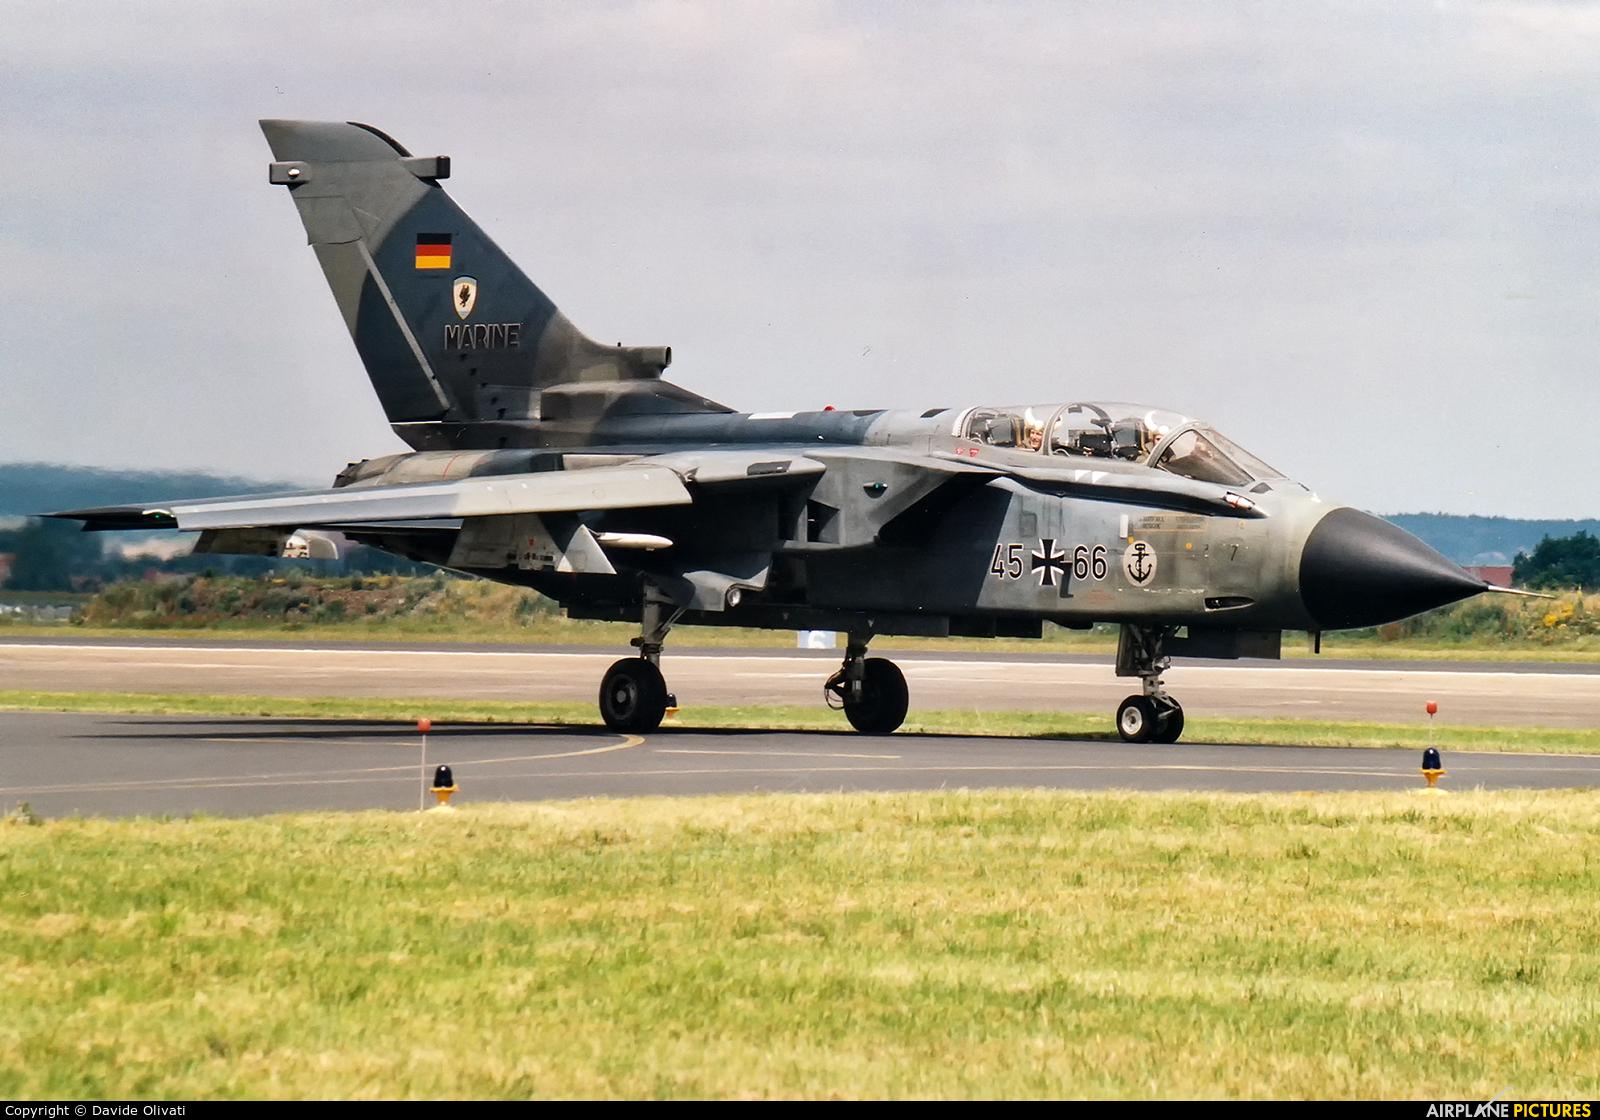 Germany - Air Force 45+69 aircraft at Neuburg - Zell